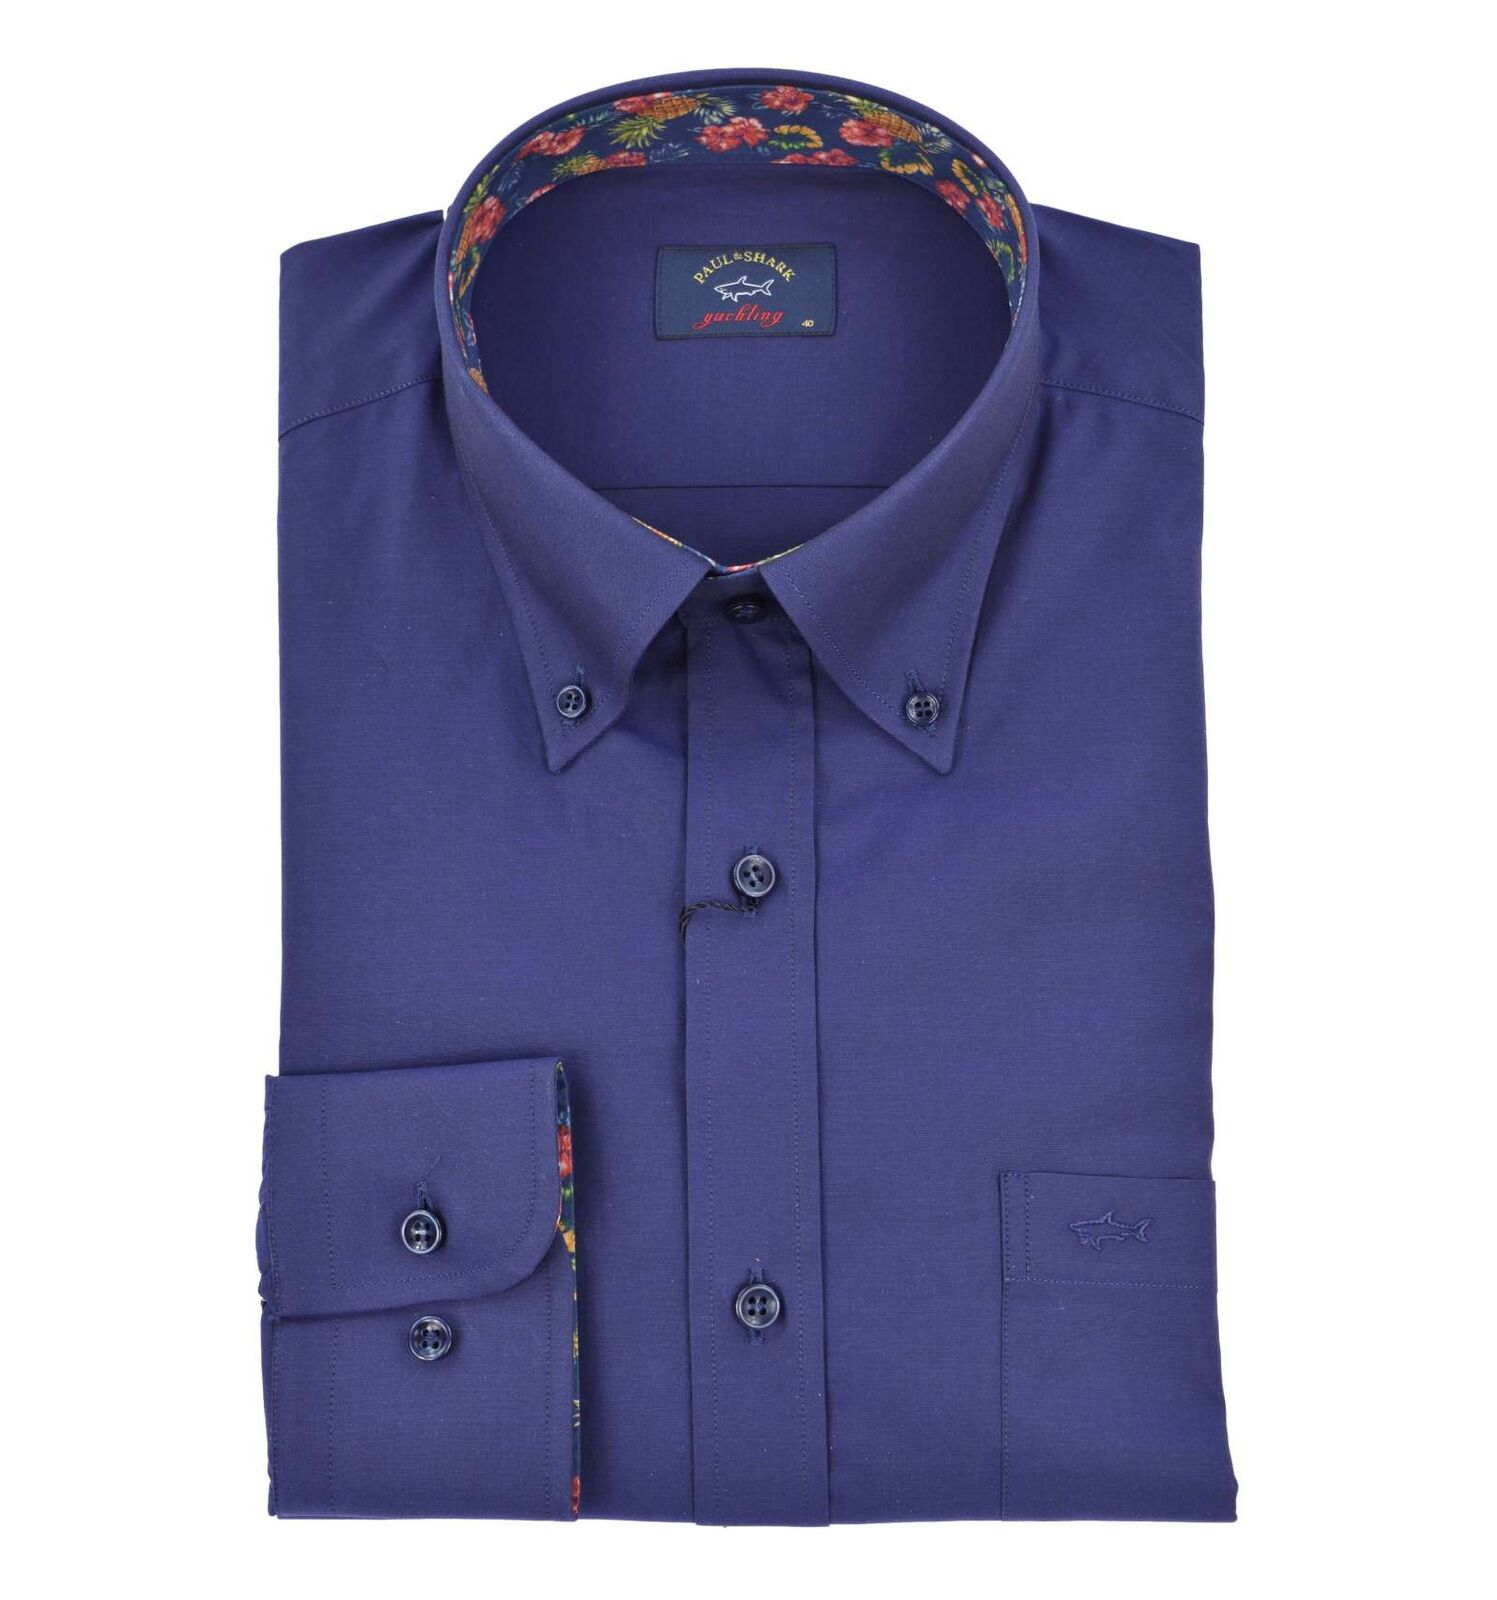 PAUL & SHARK uomo camicia button down blu scuro P19P3286 064